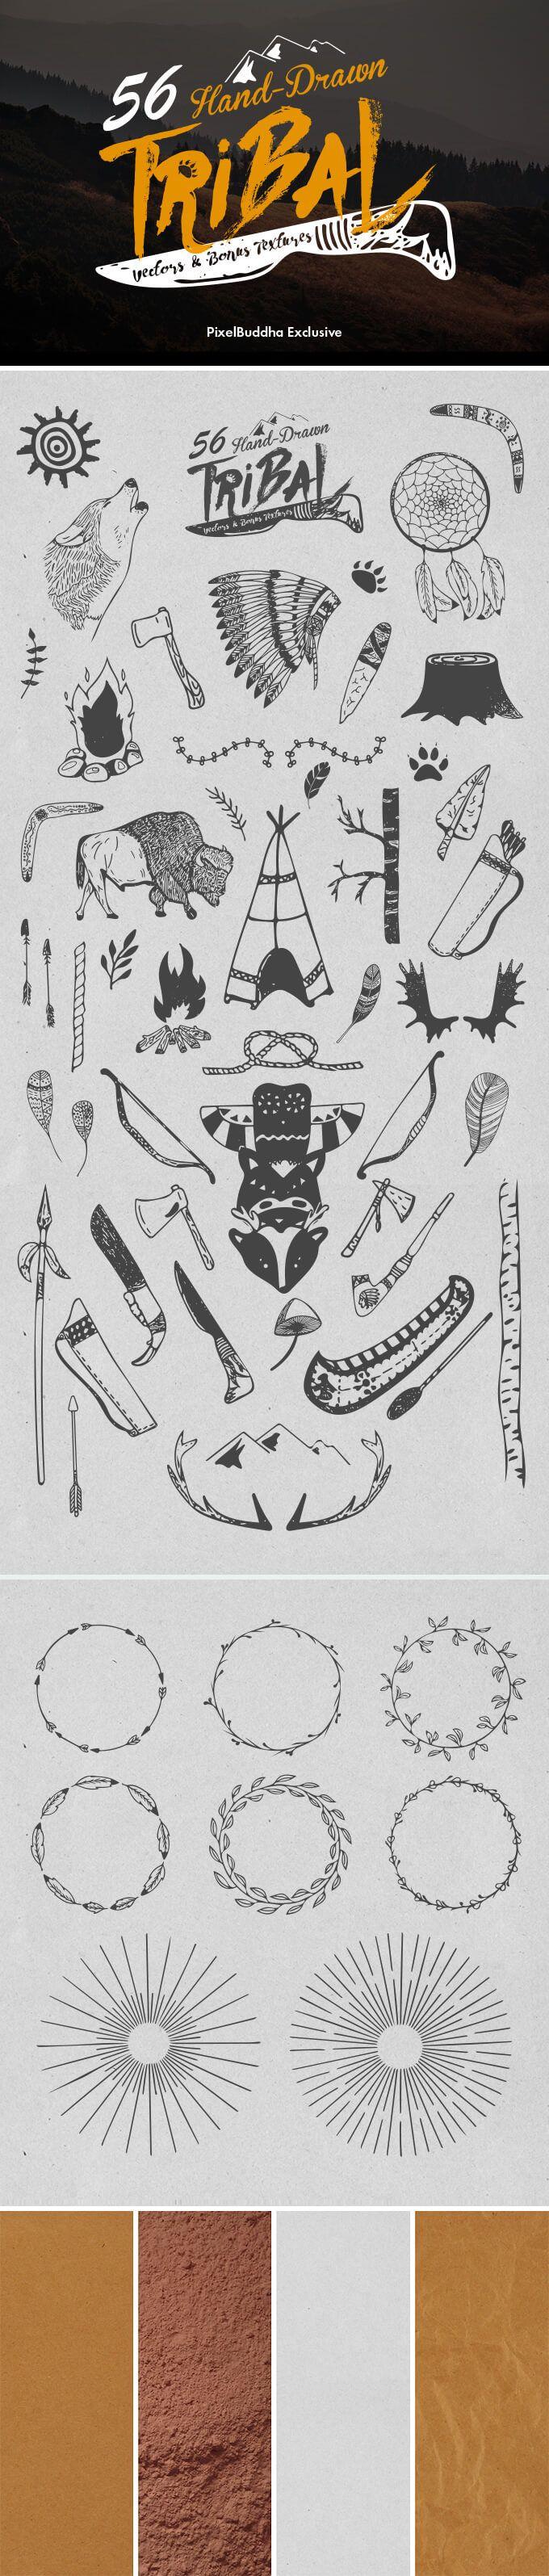 56-tribal-design-kit